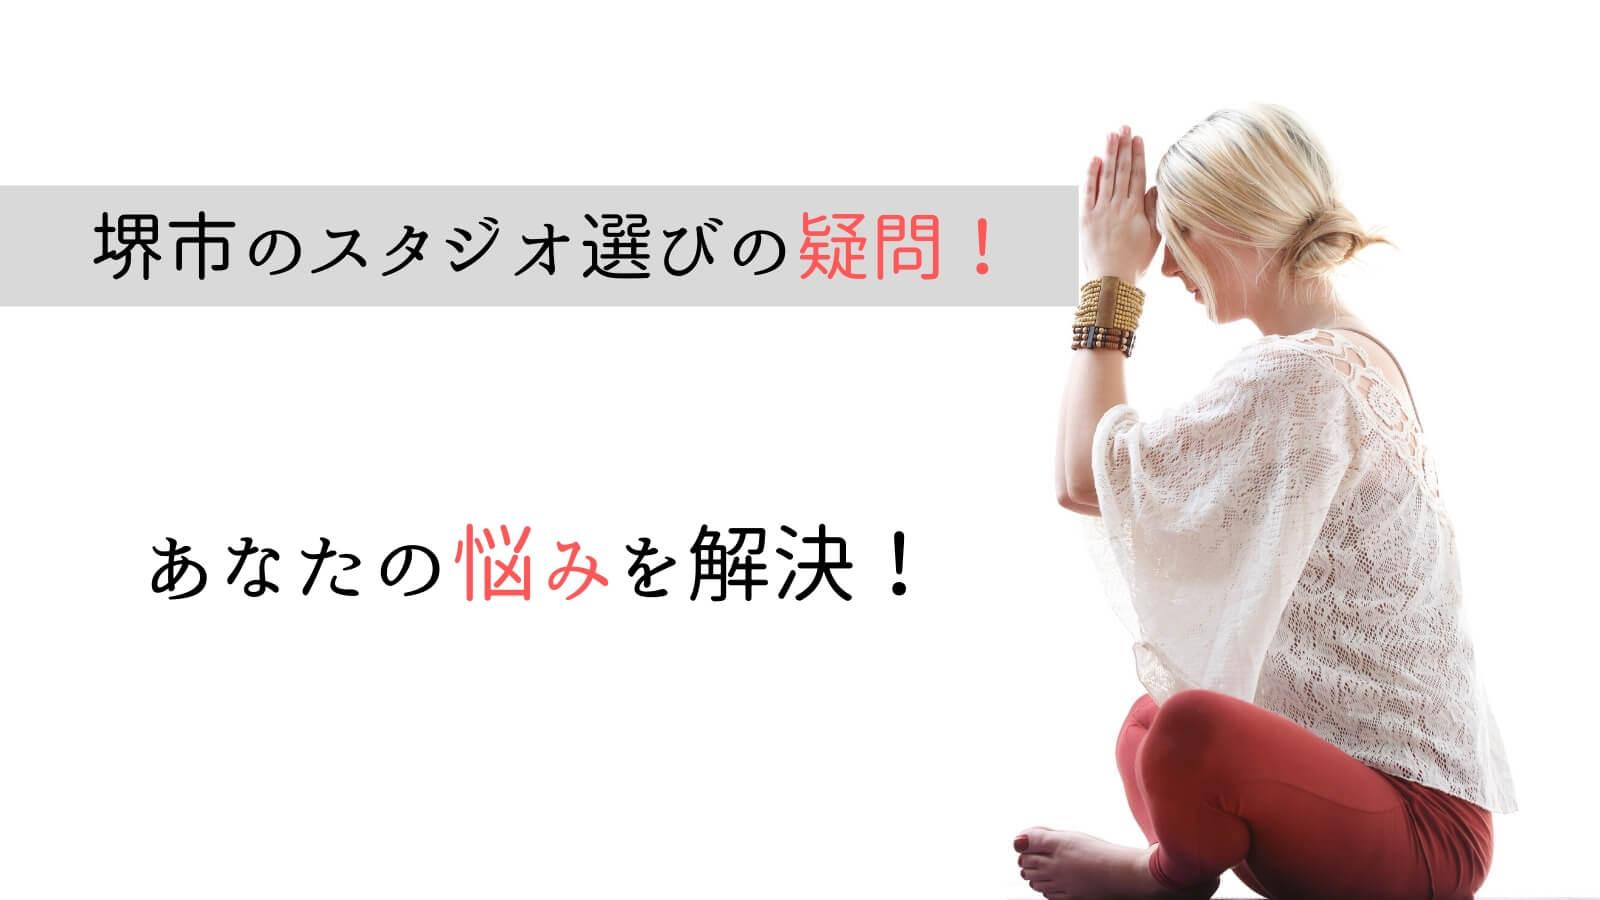 堺市でのヨガ・ホットヨガスタジオ選びに関するQ&A